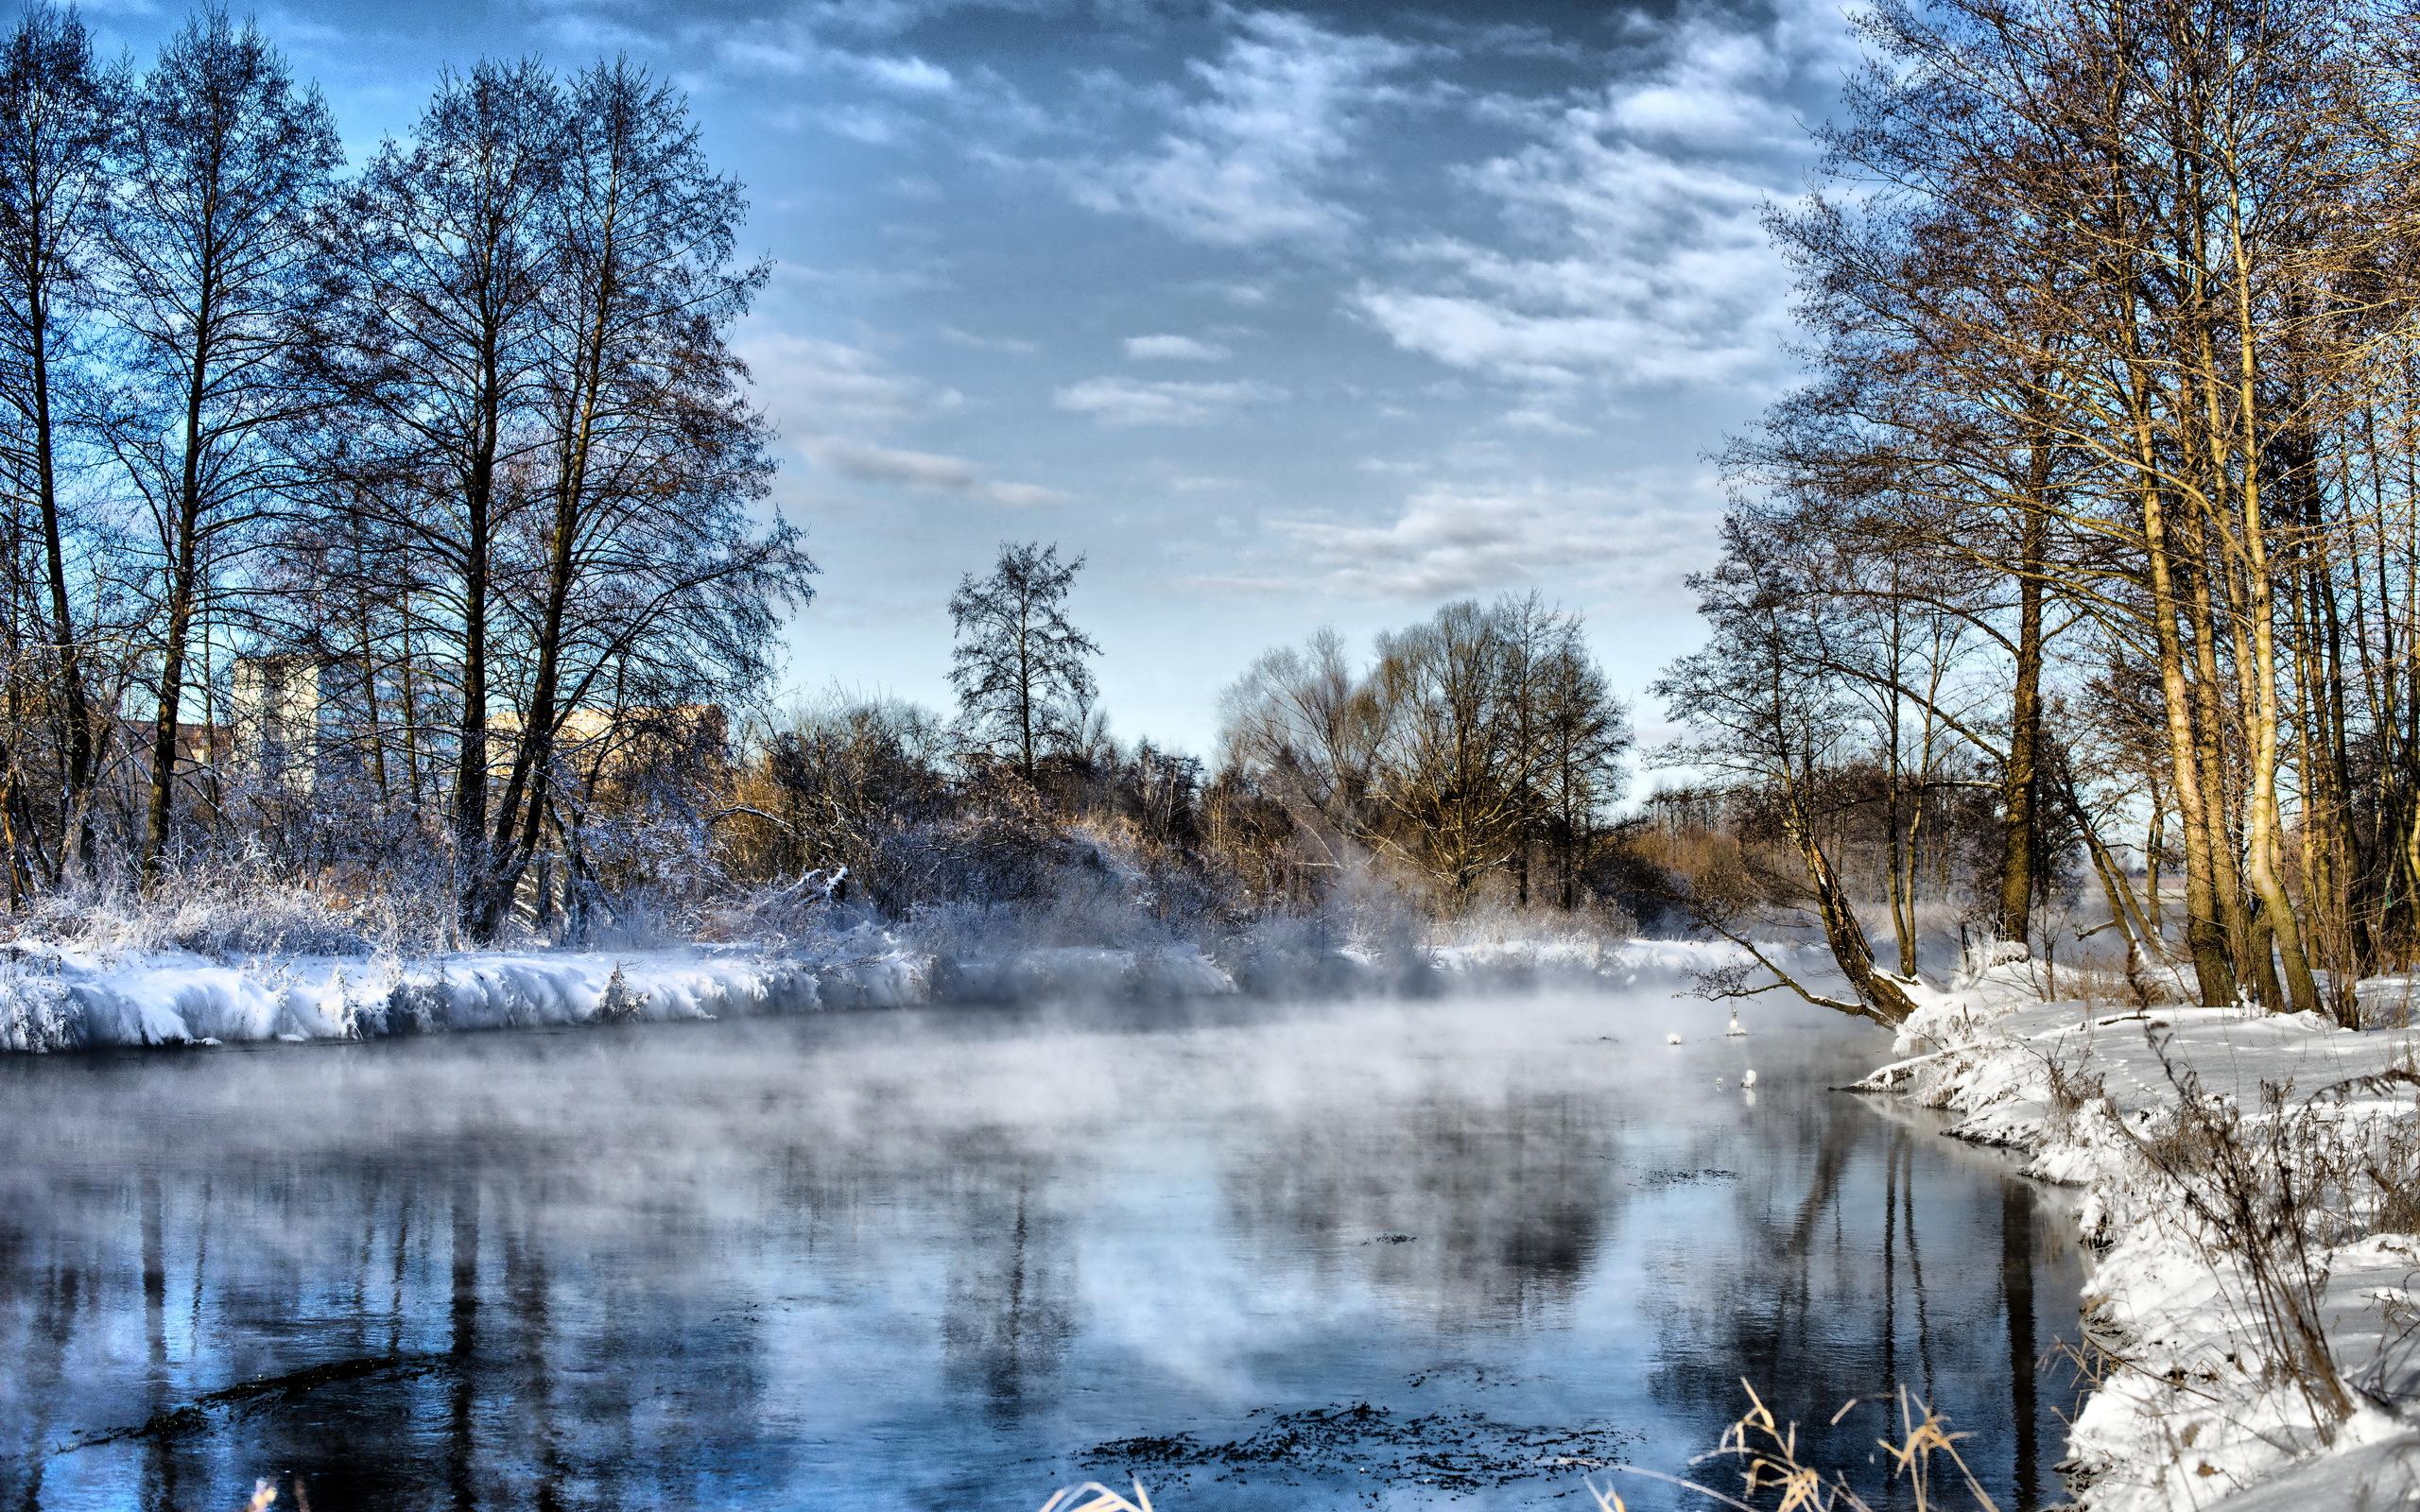 озеро зима иней the lake winter frost  № 580077 бесплатно